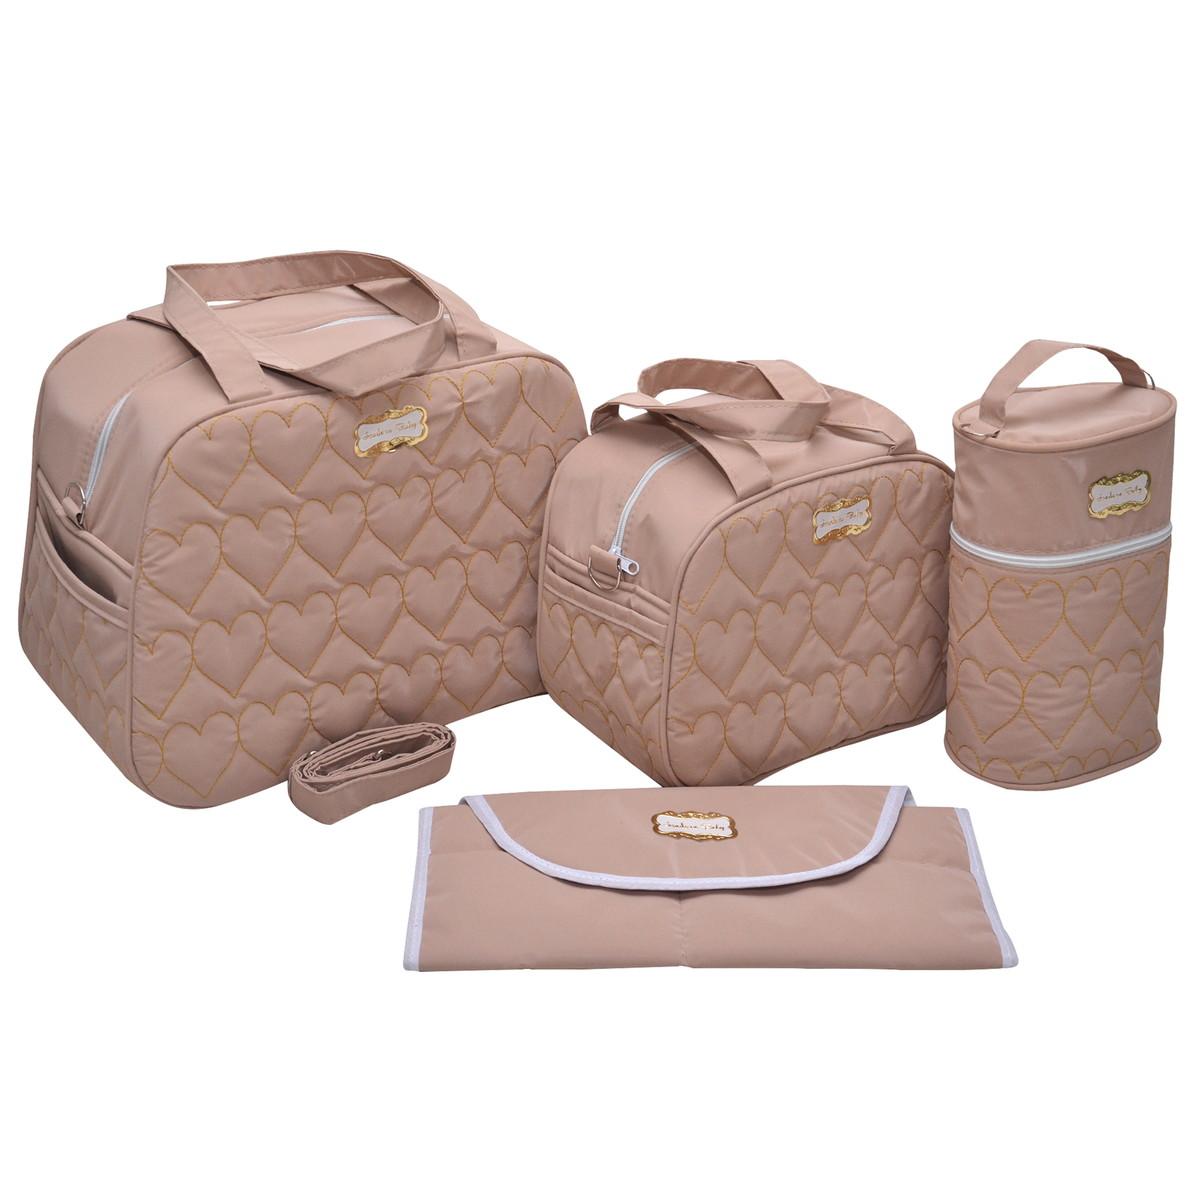 5a40c8ea5a Kit Bolsa Maternidade Luxo para menina 4 peças no Elo7